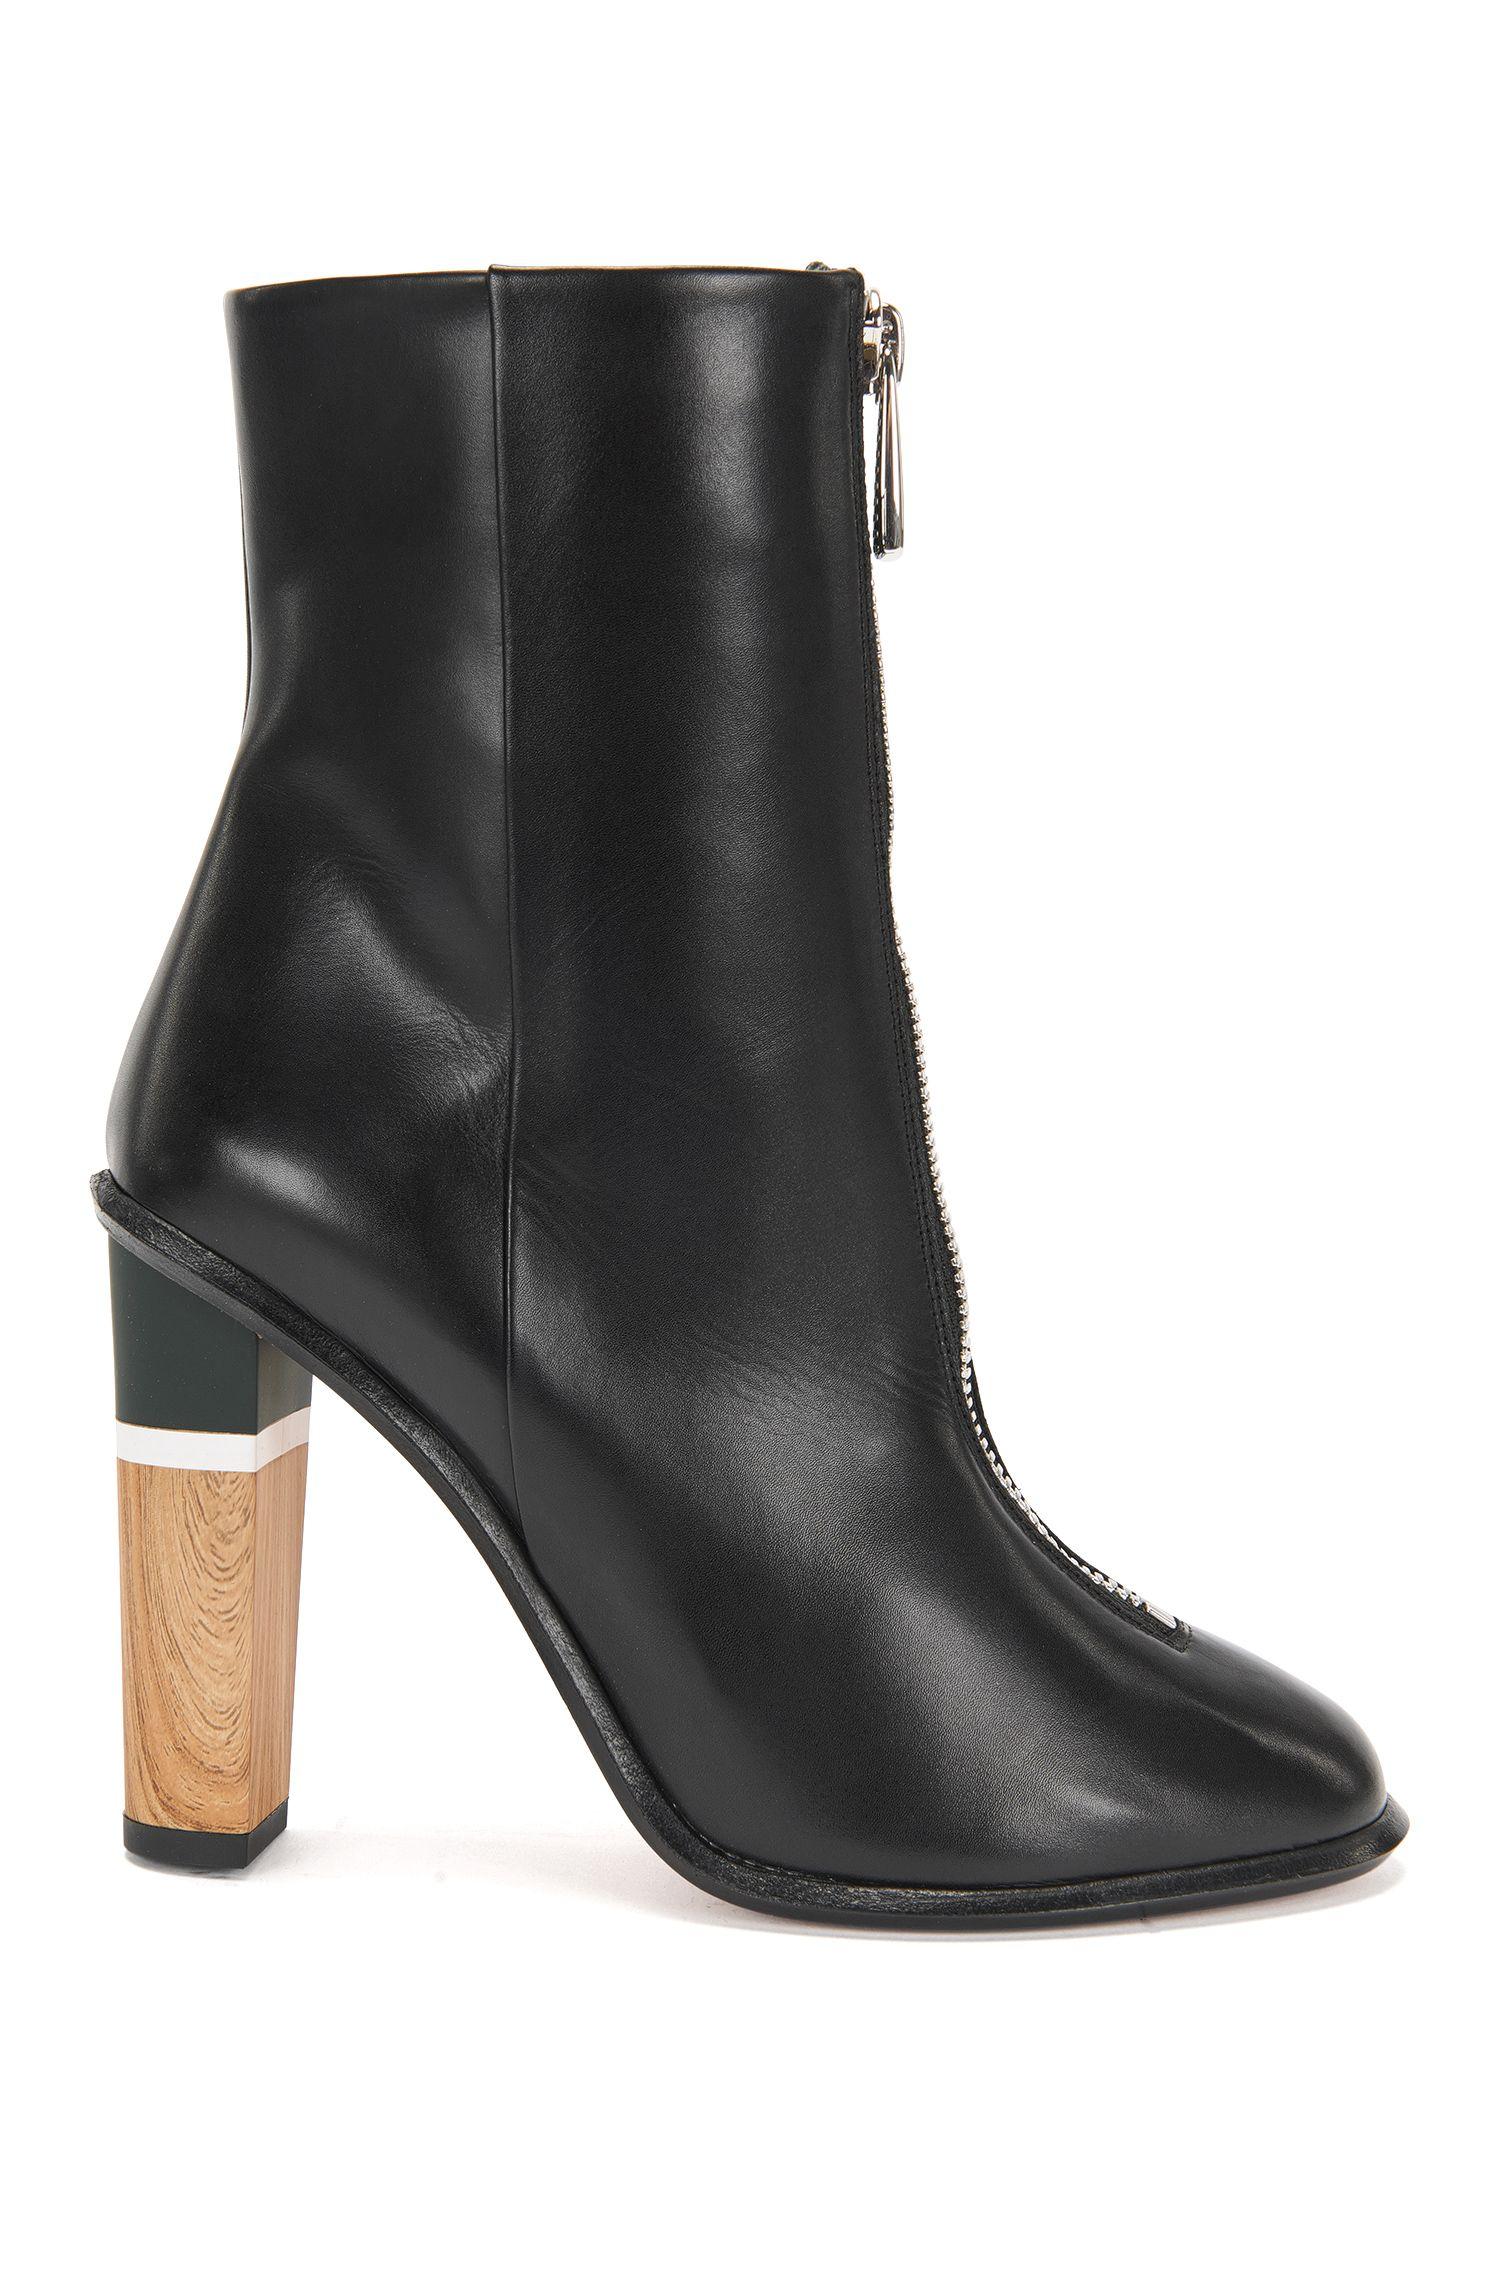 'Zip Bootie' | Italian Calfskin Zip Ankle Boot